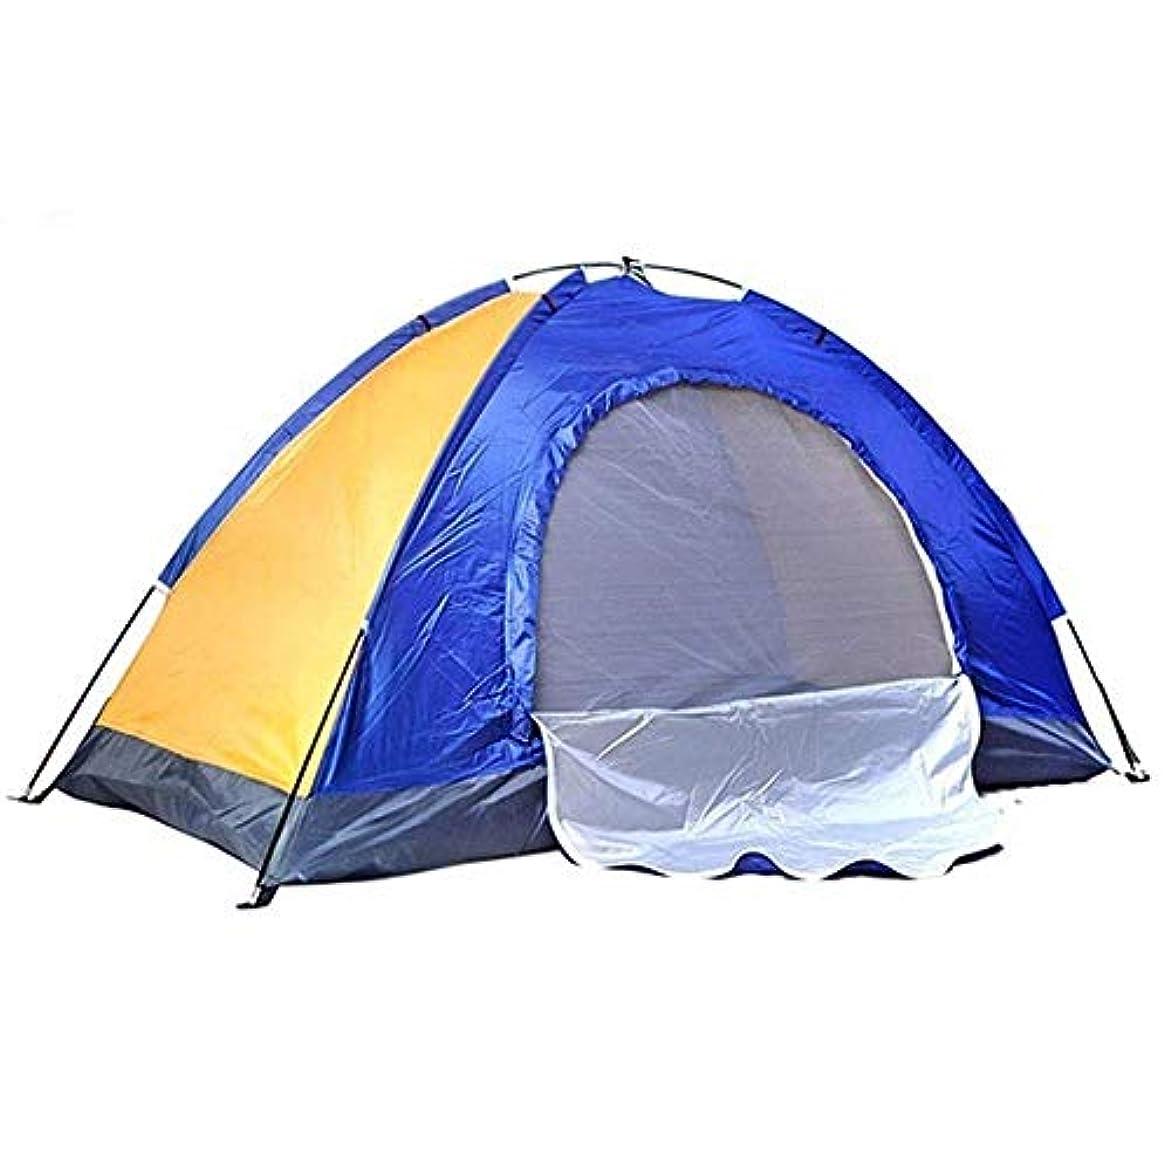 懸念不均一霊Wangbobo 家族2-3人のためのキャンプテント、屋外のキャンプのハイキングのための超軽量のバックパッキングテント、防水二重層のドームのテント